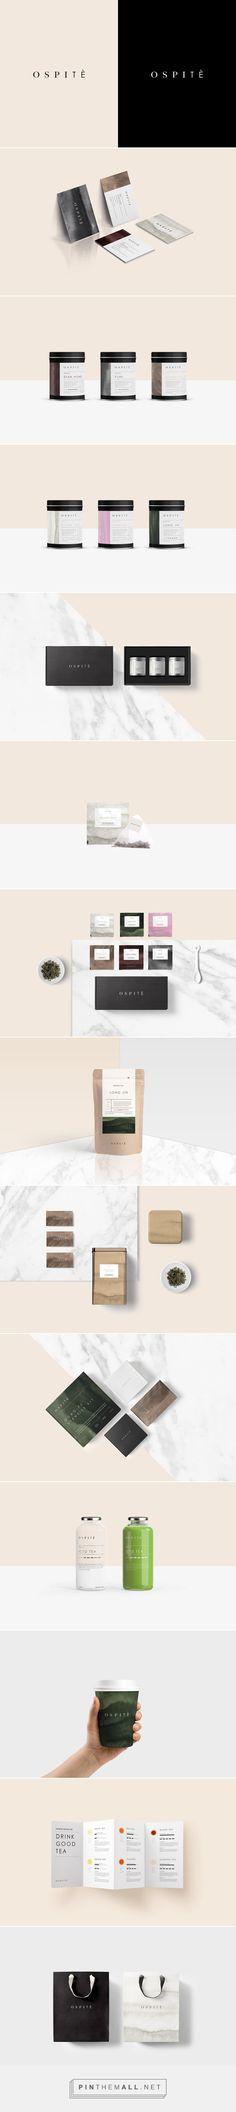 OSPITE | Tea house on Behance | Fivestar Branding – Design and Branding Agency & Inspiration Gallery